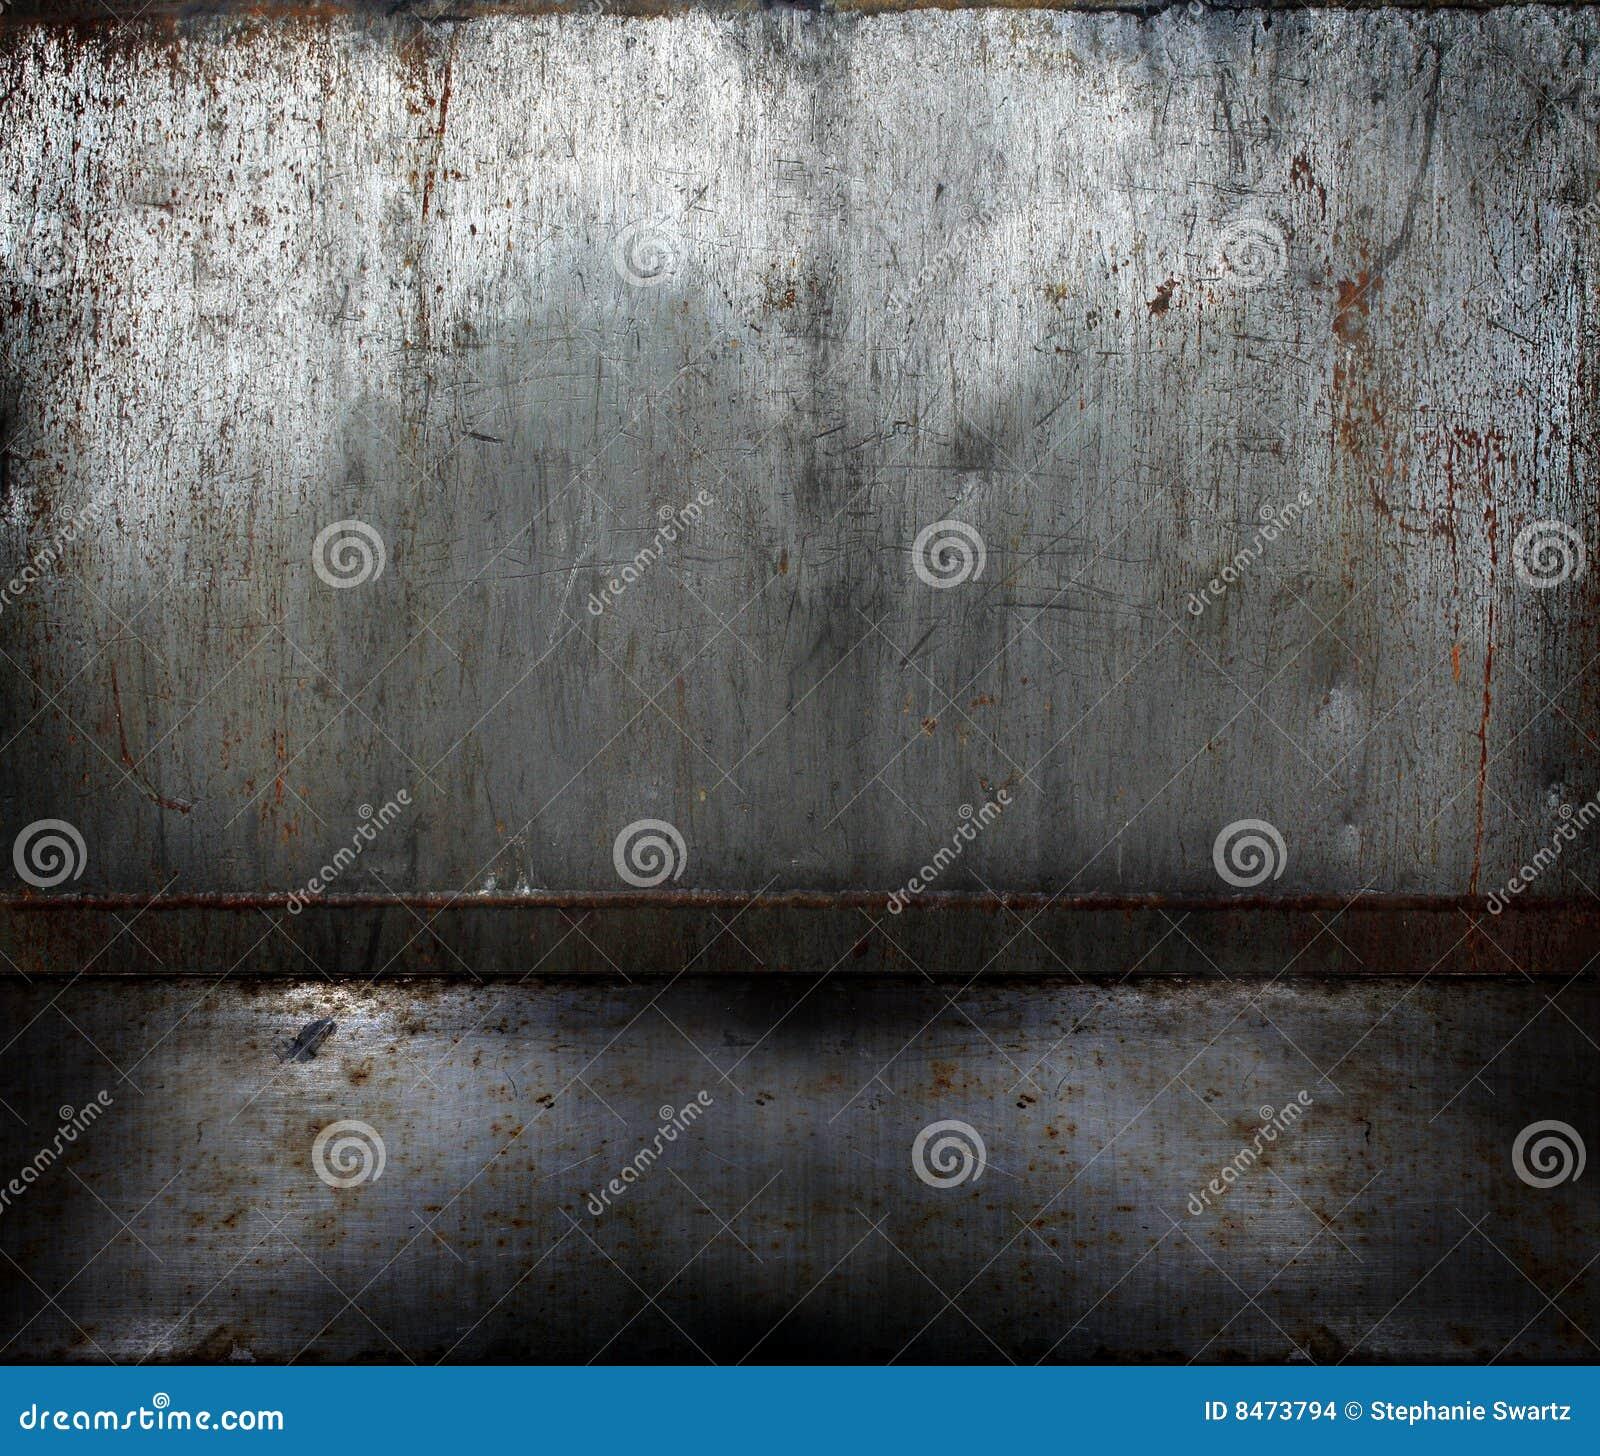 Grunge rusty metal room